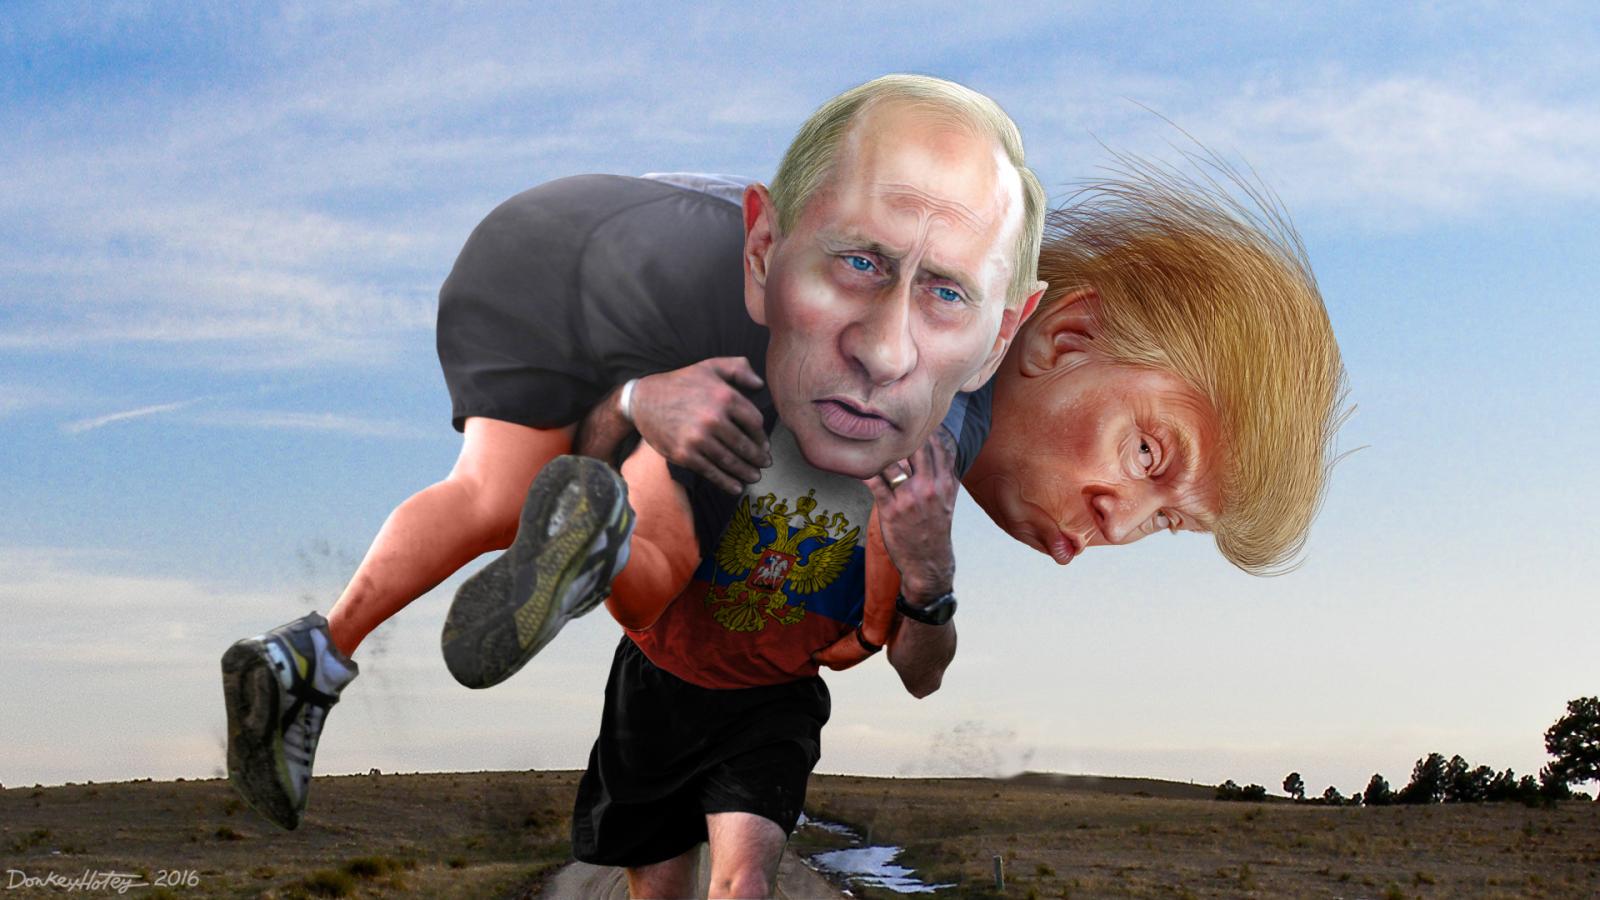 TRUMP'S ILL-GOTTEN VICTORY: Intel dossier says Putin helped